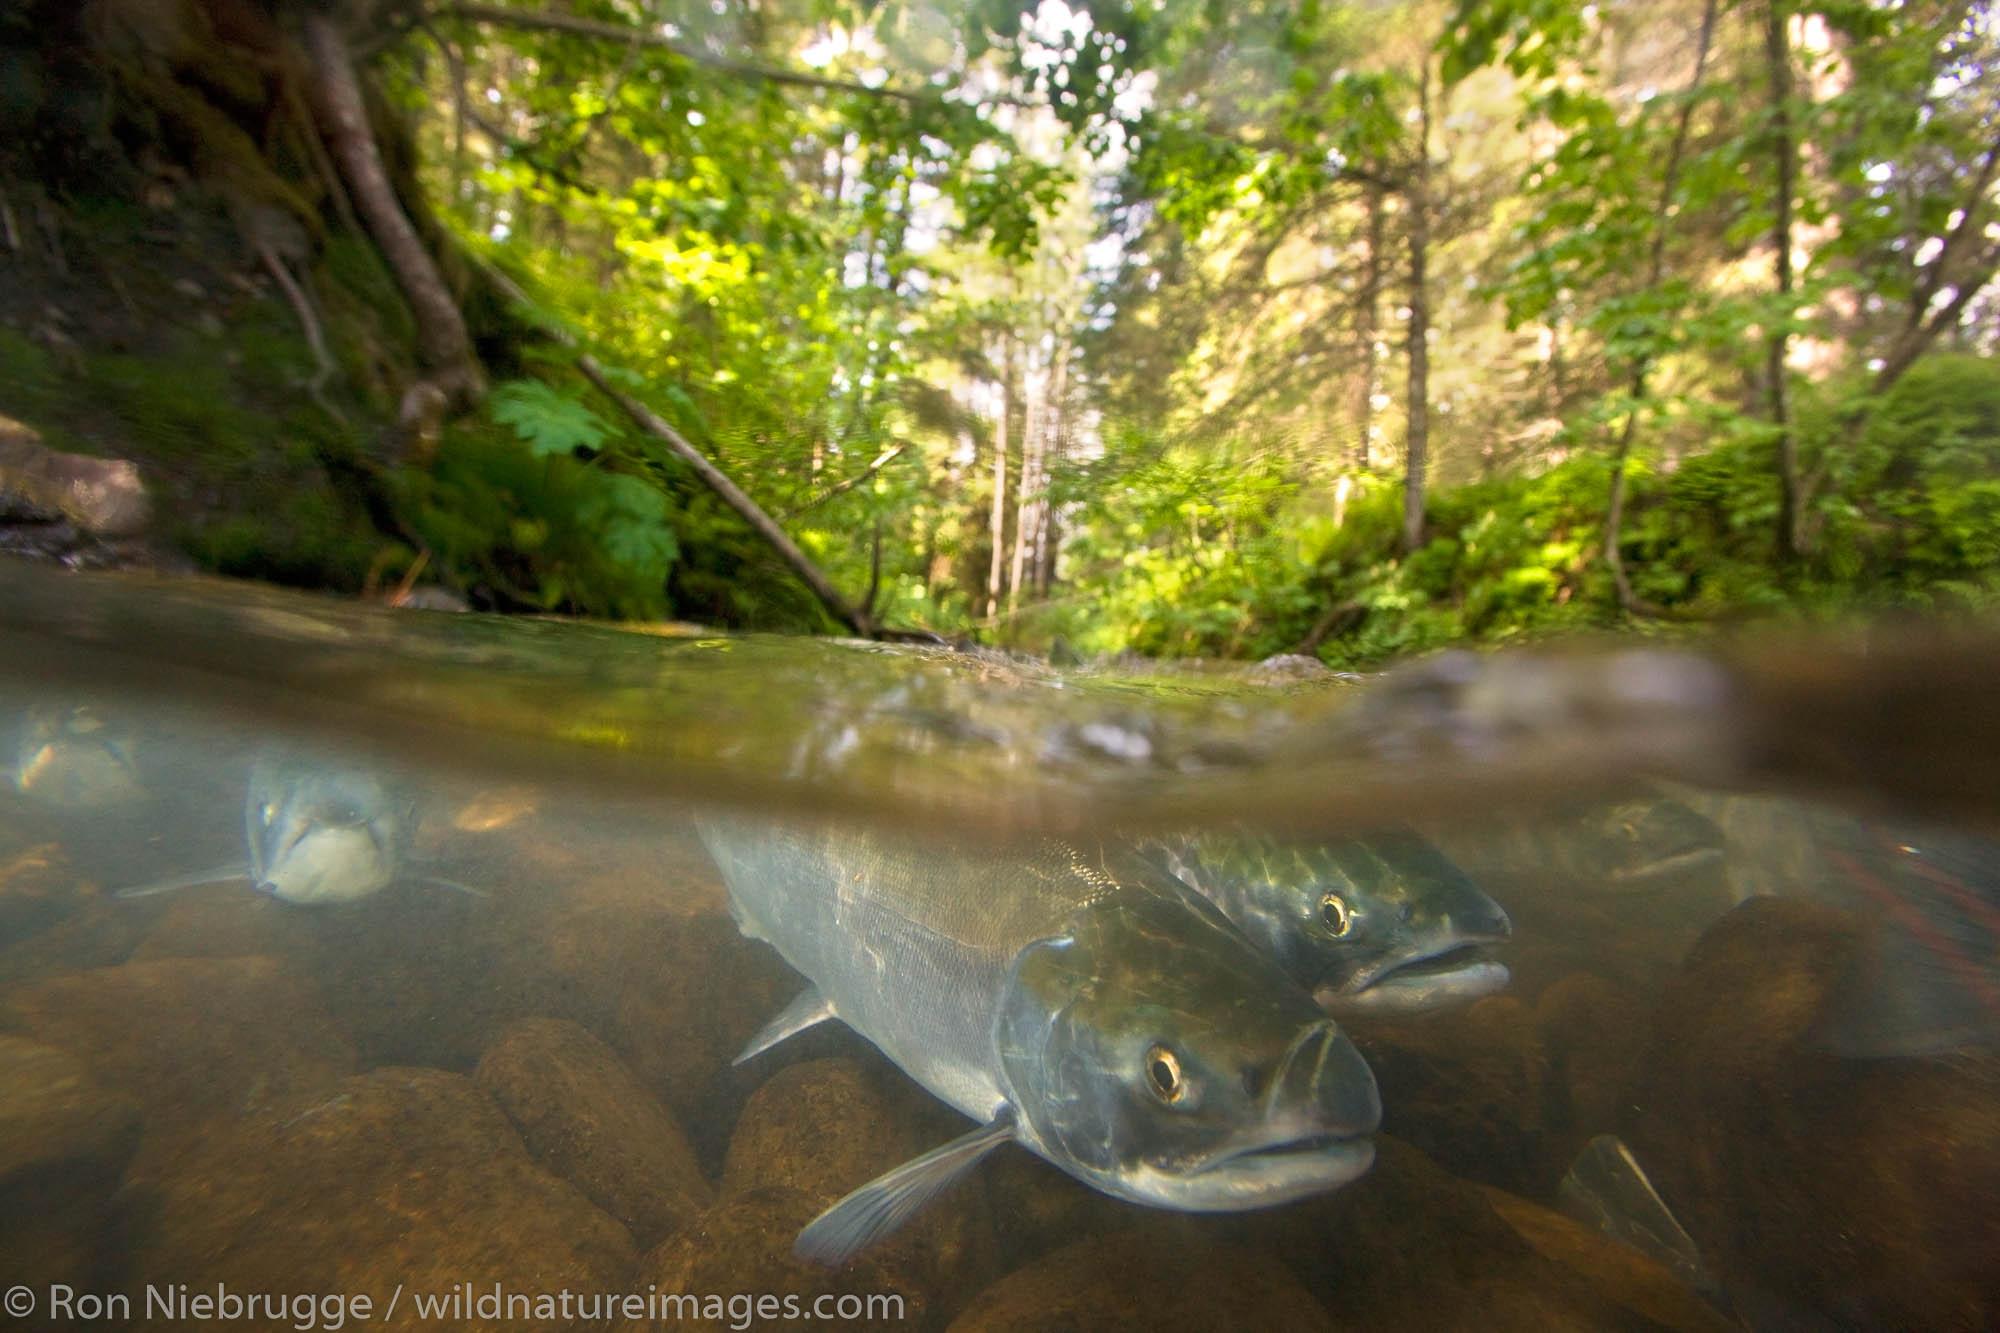 Red Salmon in a stream, Chugach National Forest, Seward, Alaska.